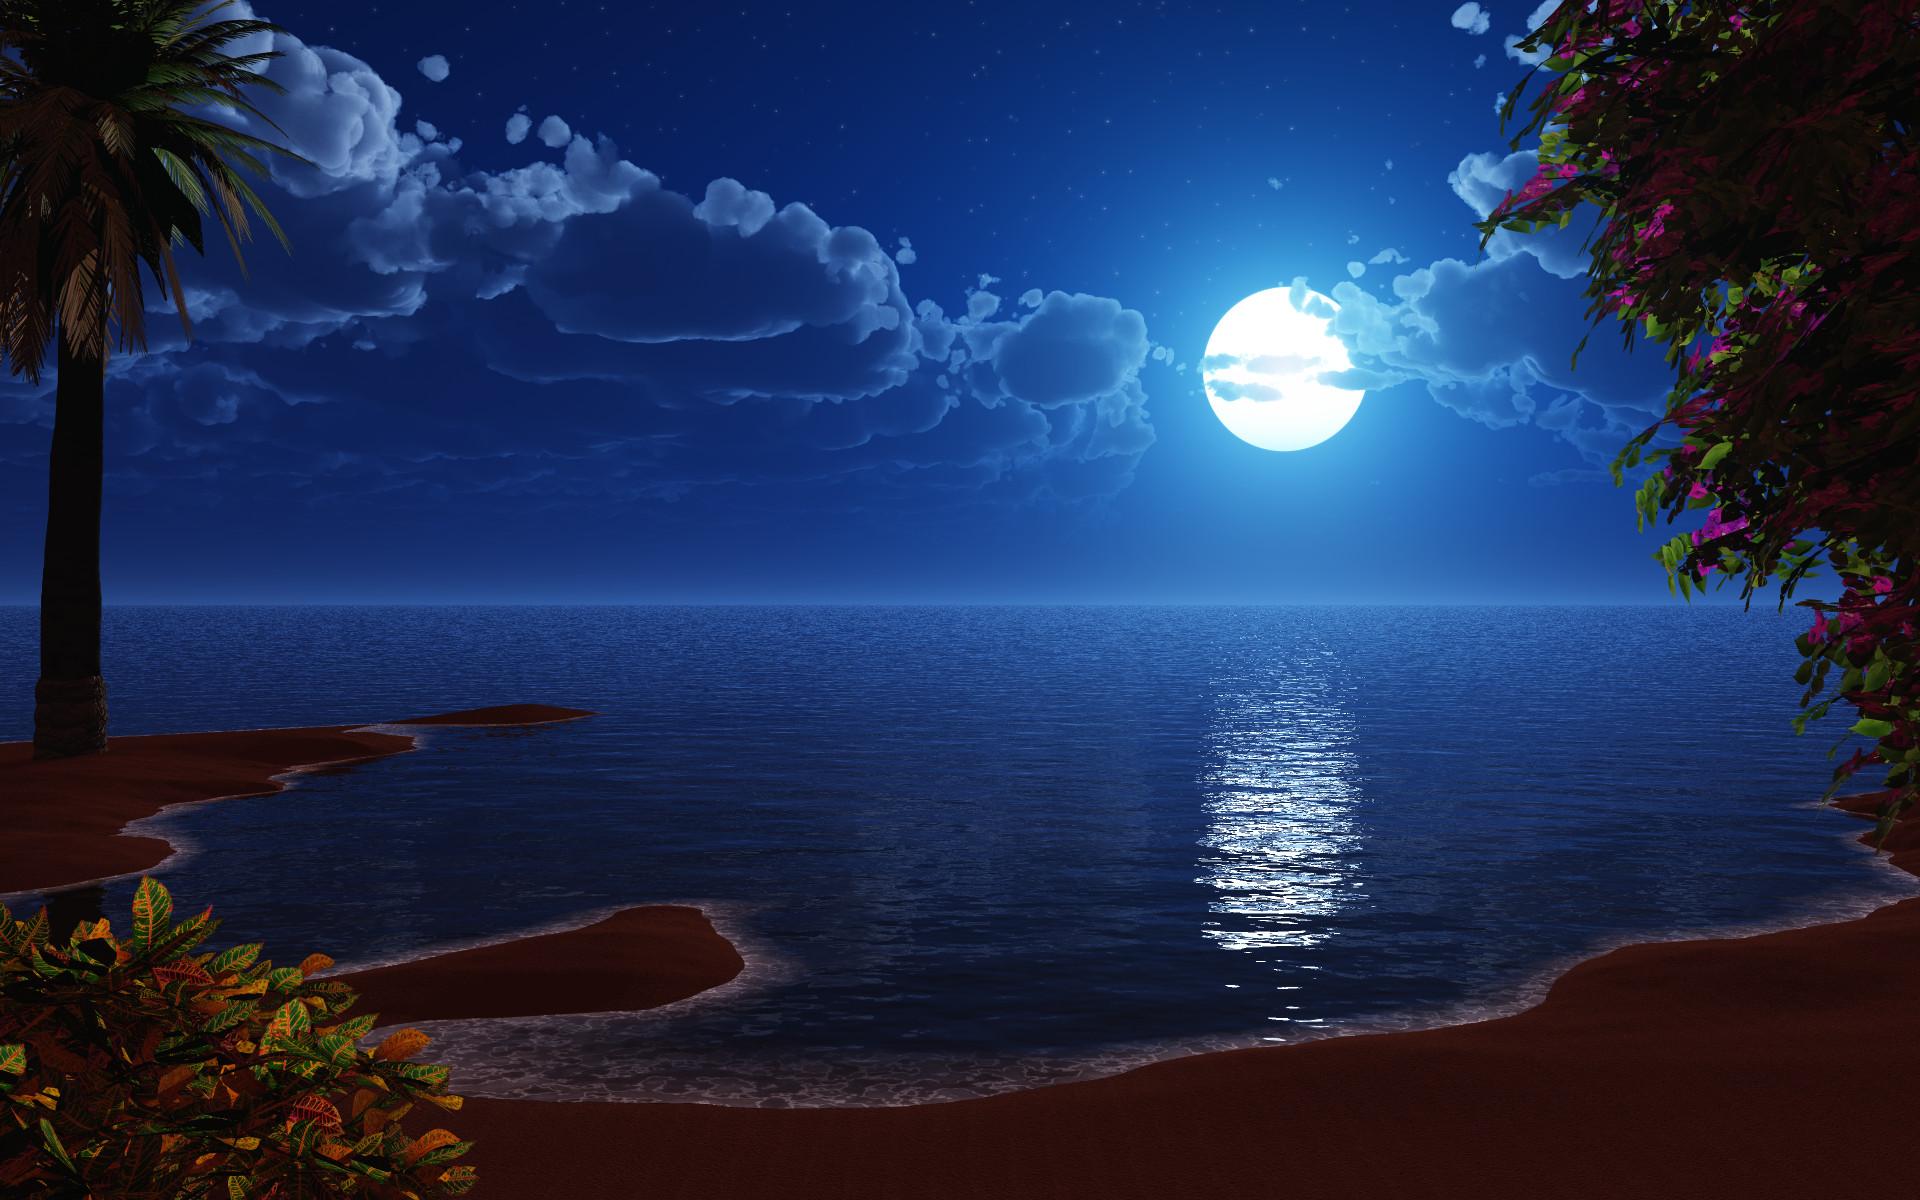 بالصور صور قمر , اجمل خلفيات للقمر 922 2